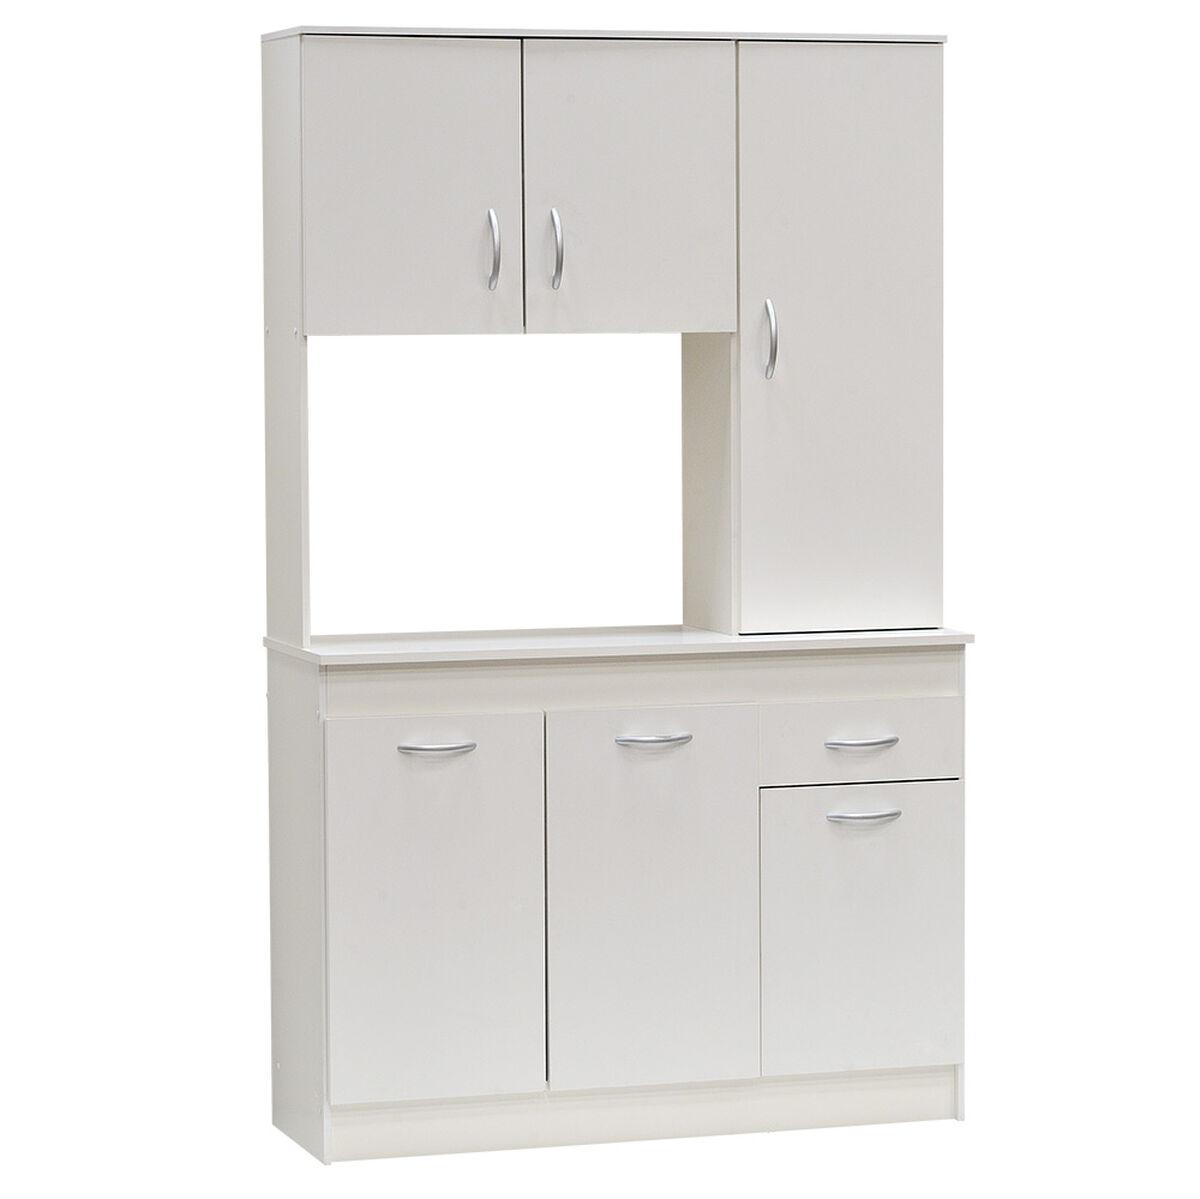 Compacto Cocina Mobikit Blanco M